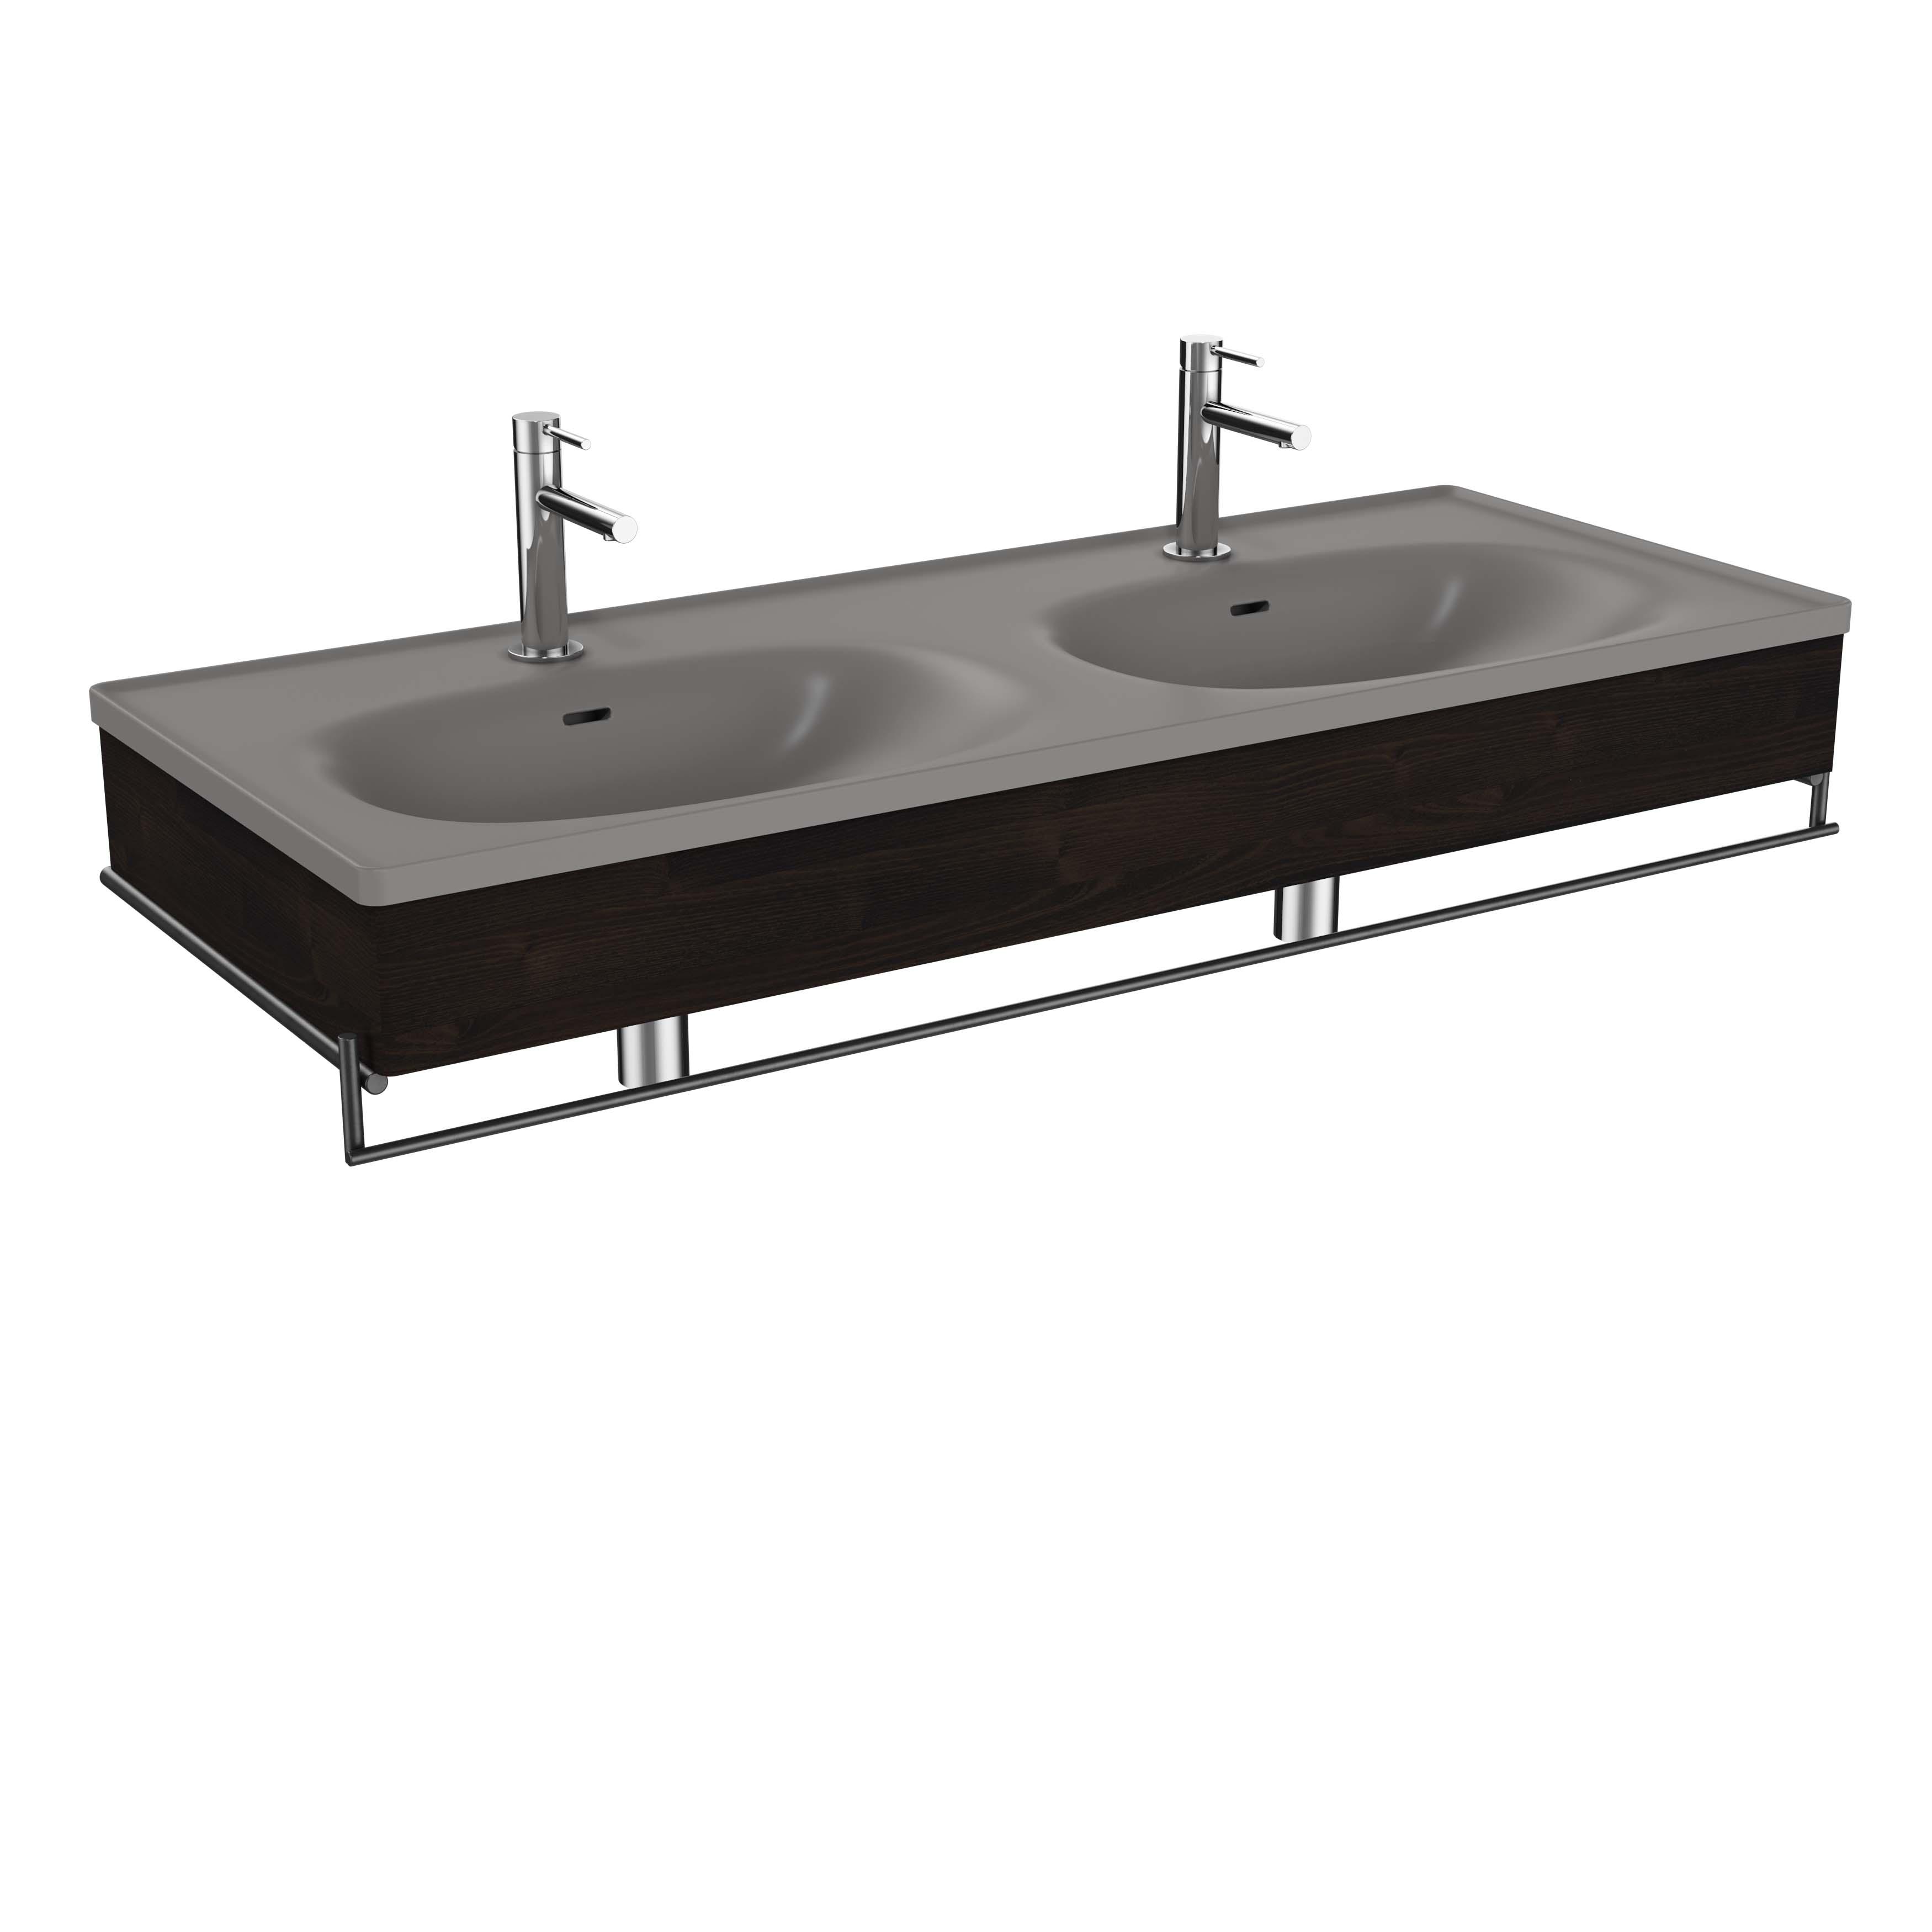 Equal plan céramique, lavabo double, panneau en bois, porte-serviette, 130 cm, gris pierre mat / orme